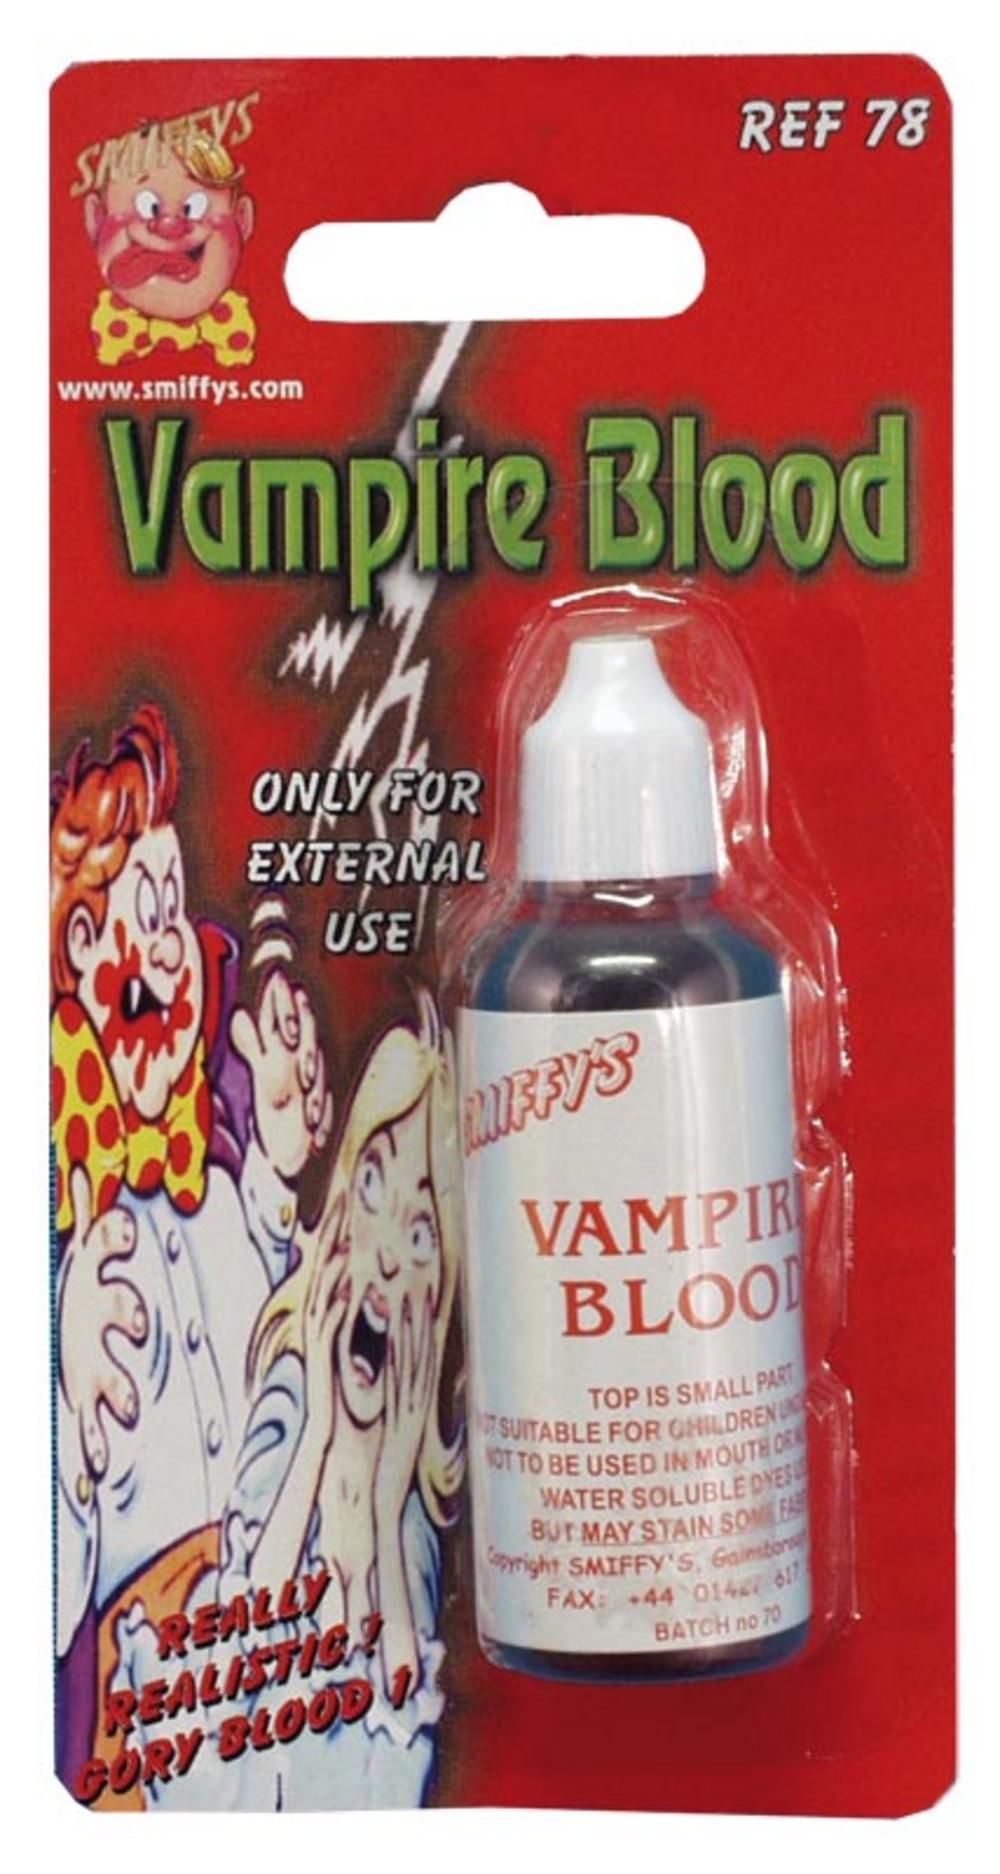 Vampire Blood In a Bottle